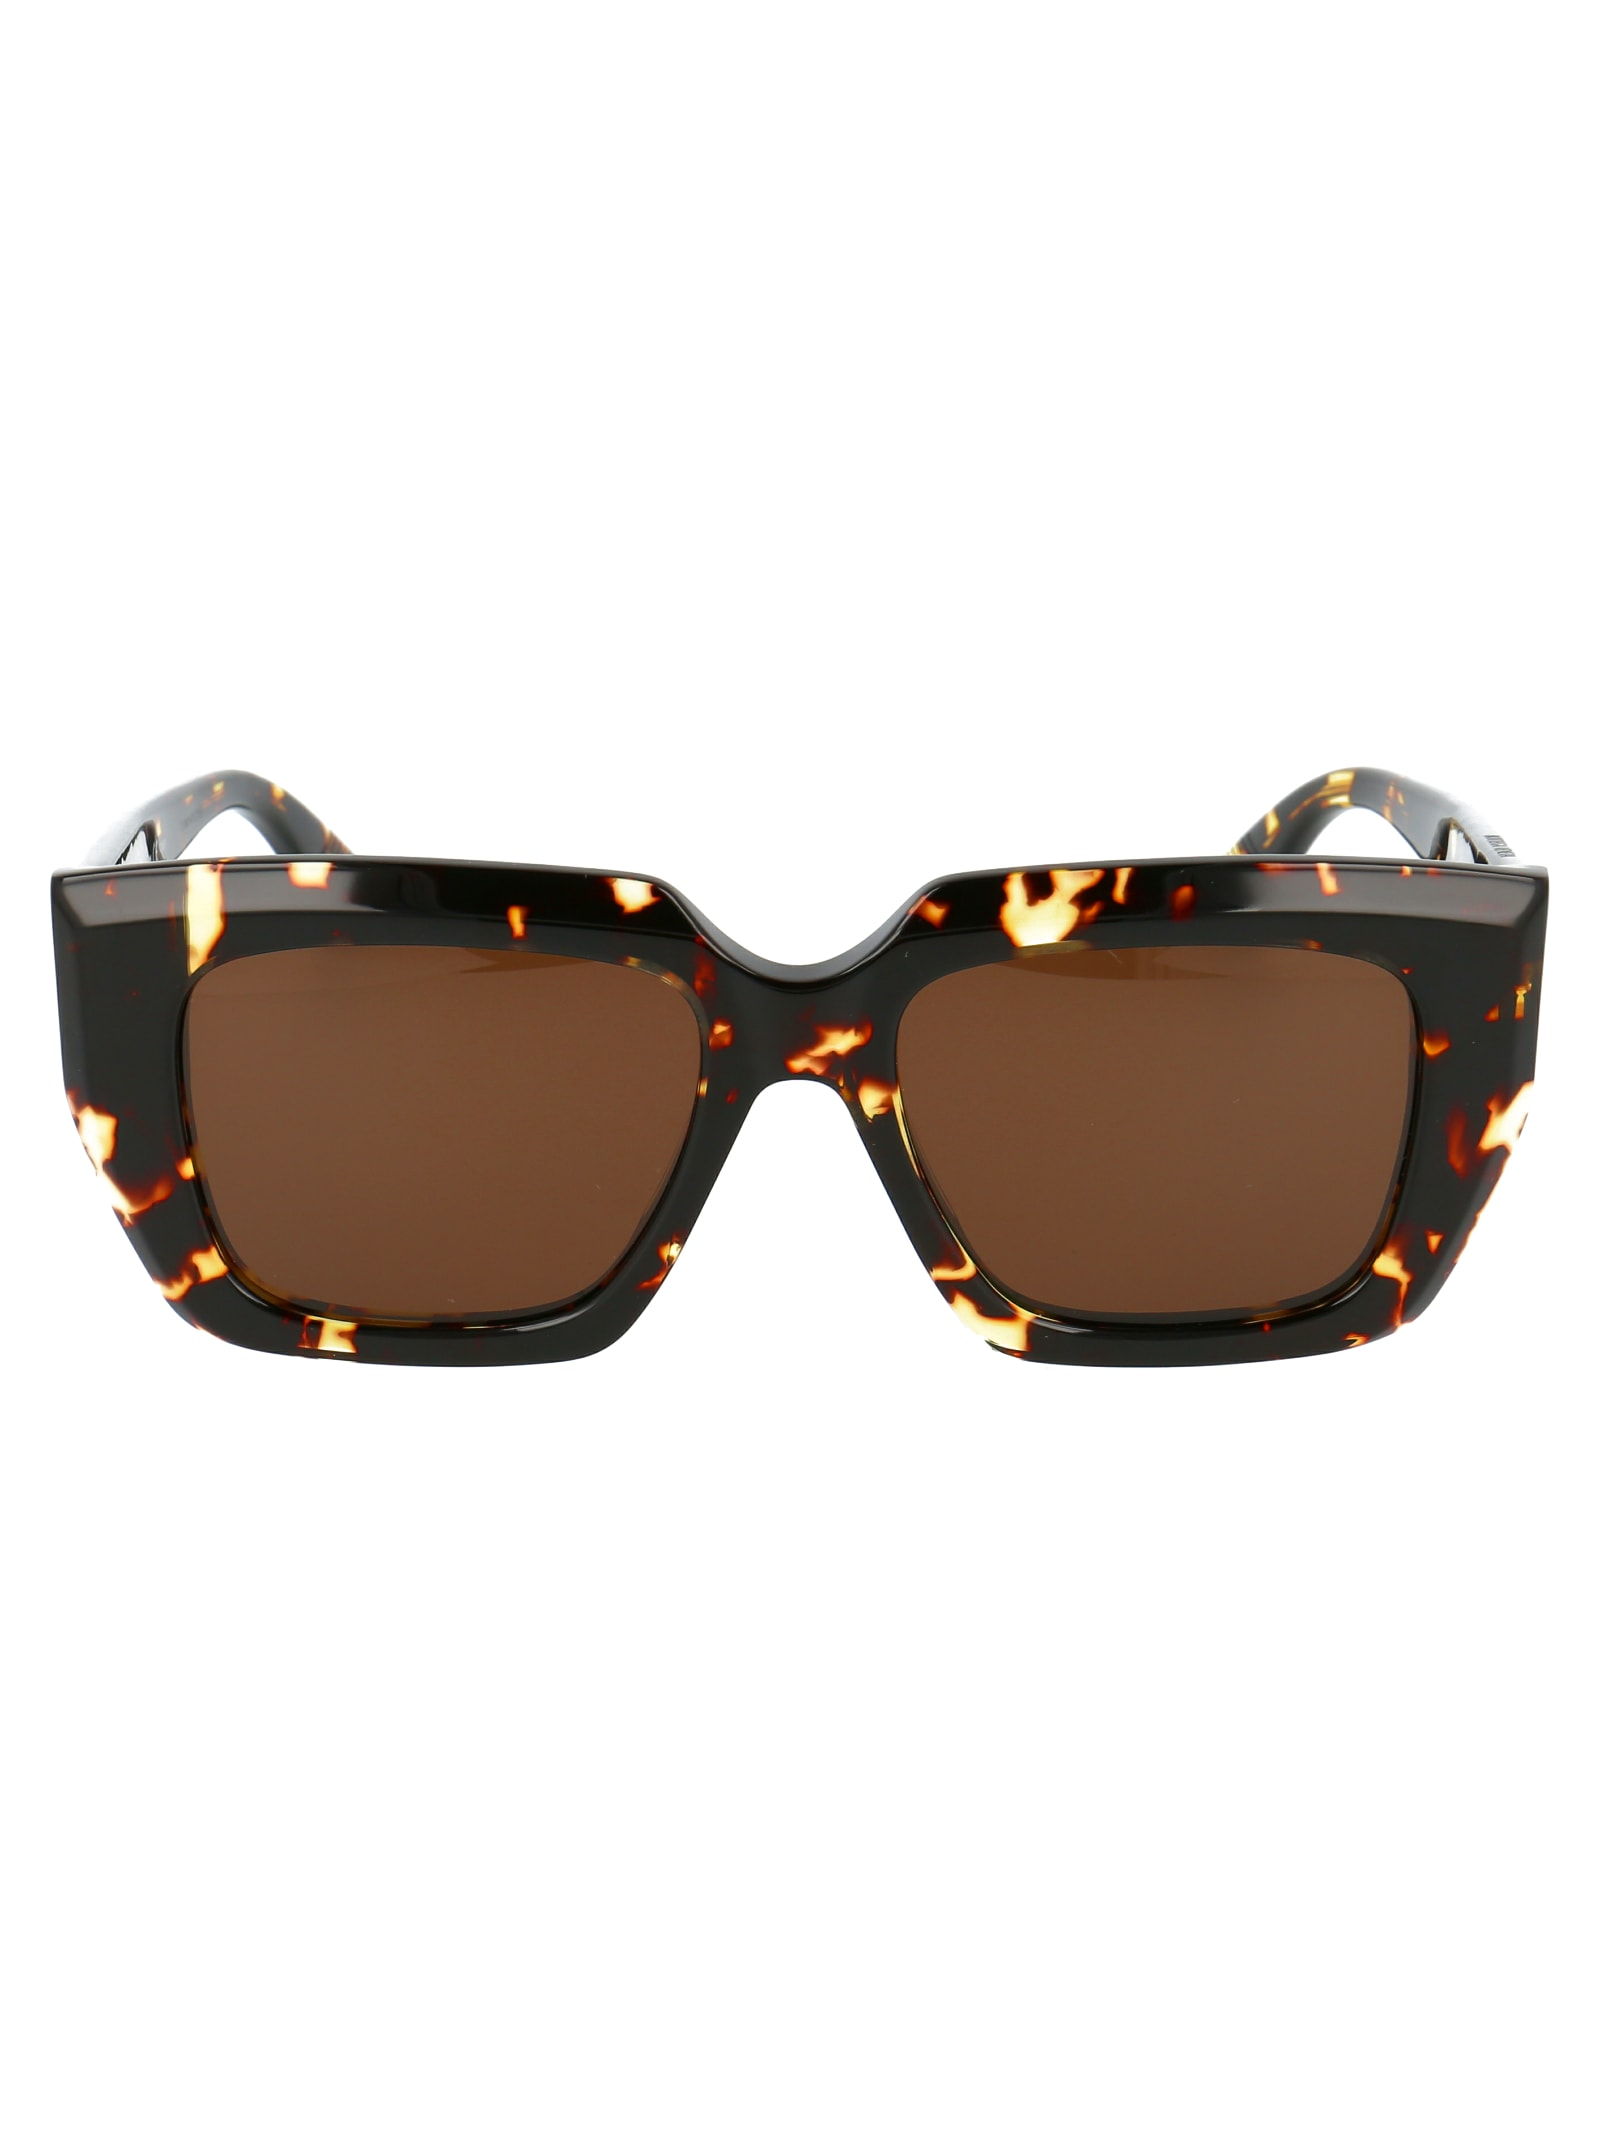 Bv1030s Sunglasses